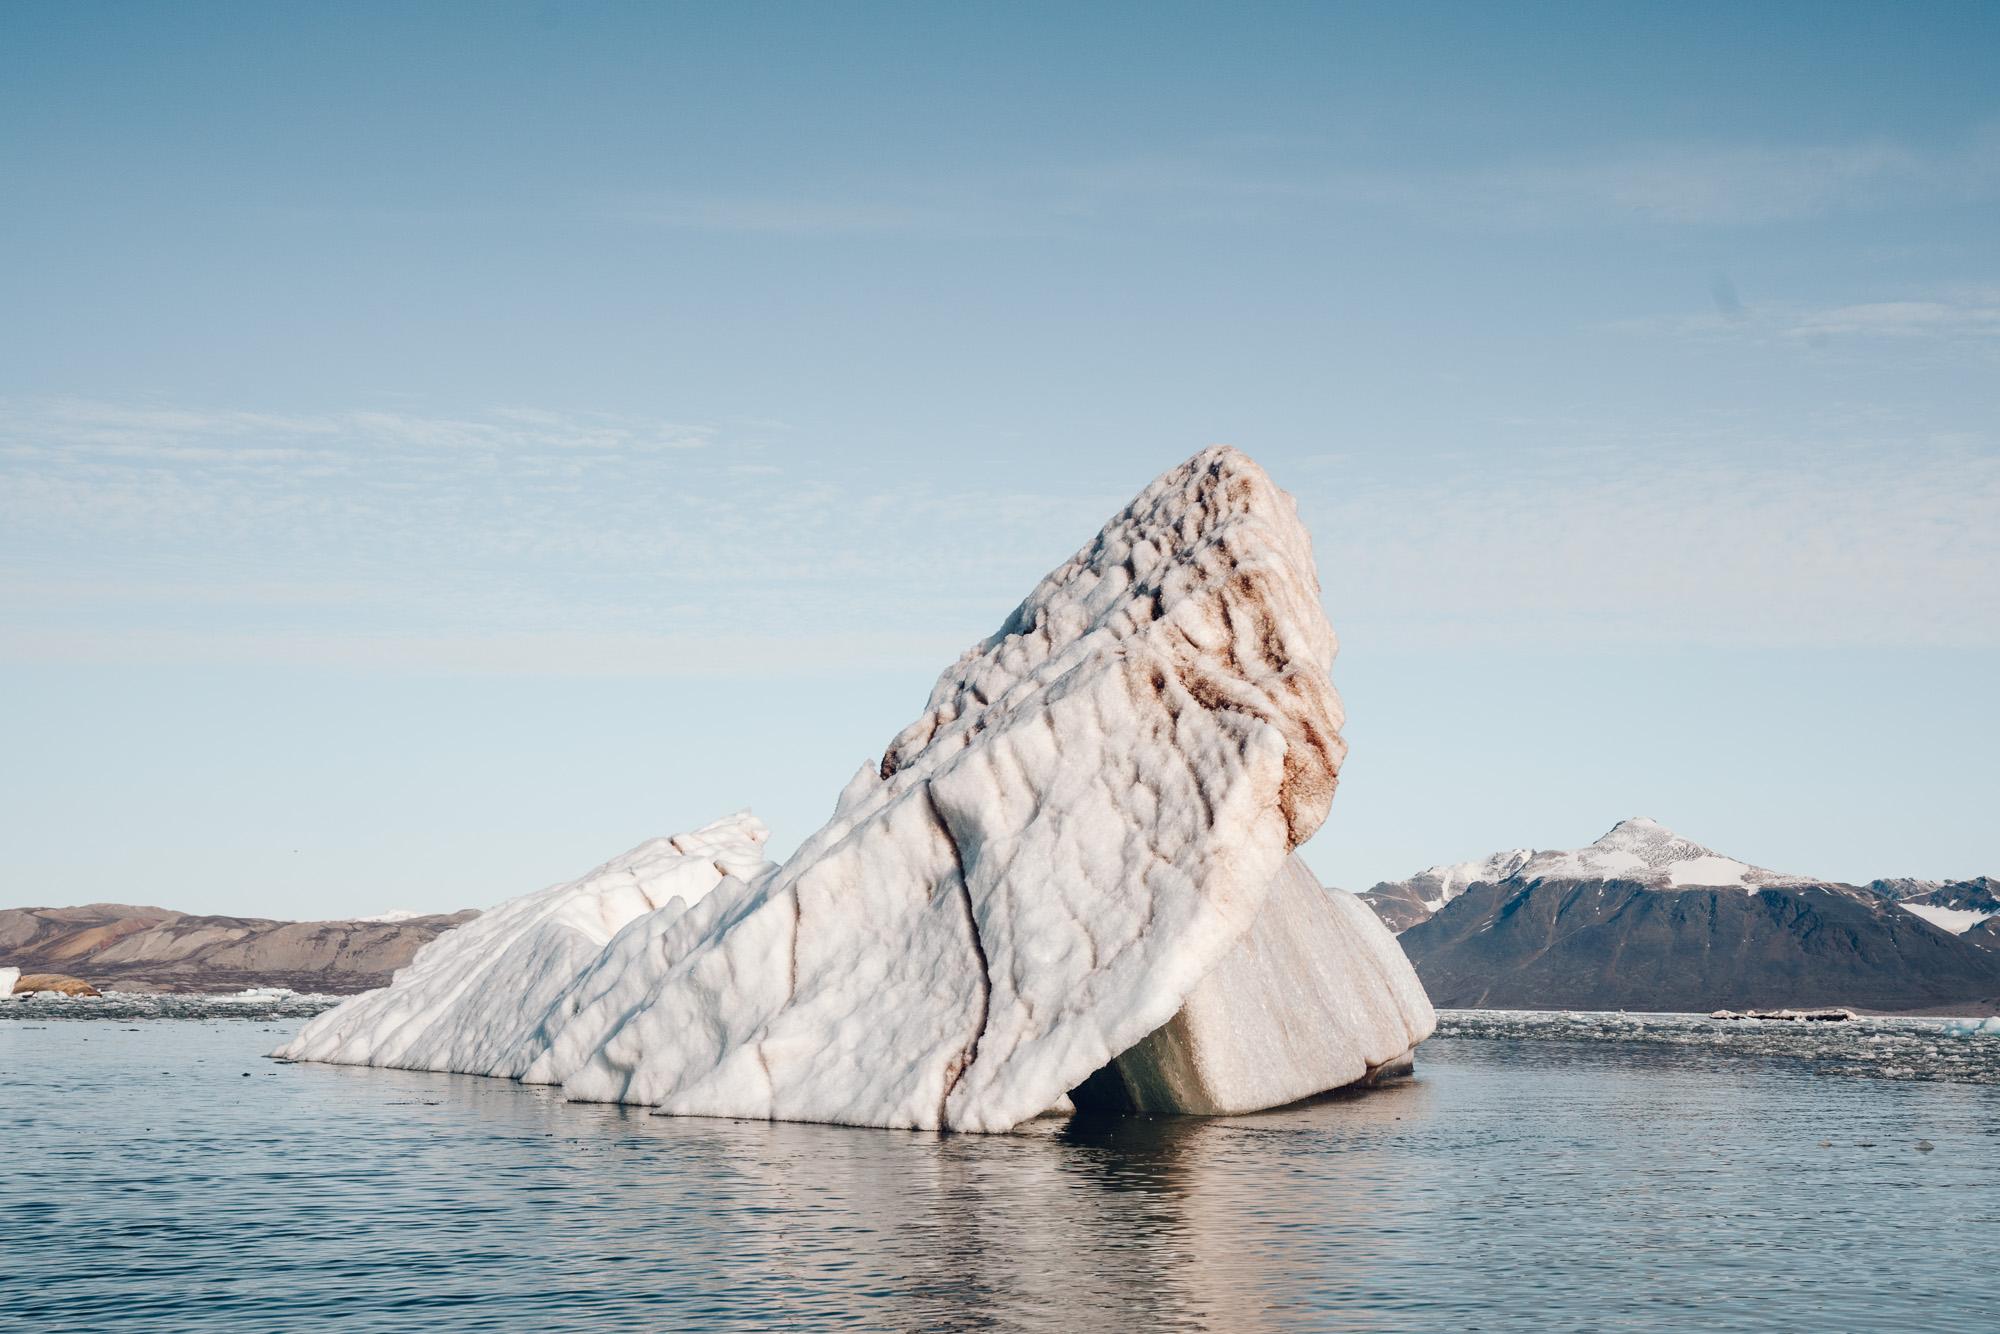 Icebergs floating in the arctic ocean in Kongsfjorden